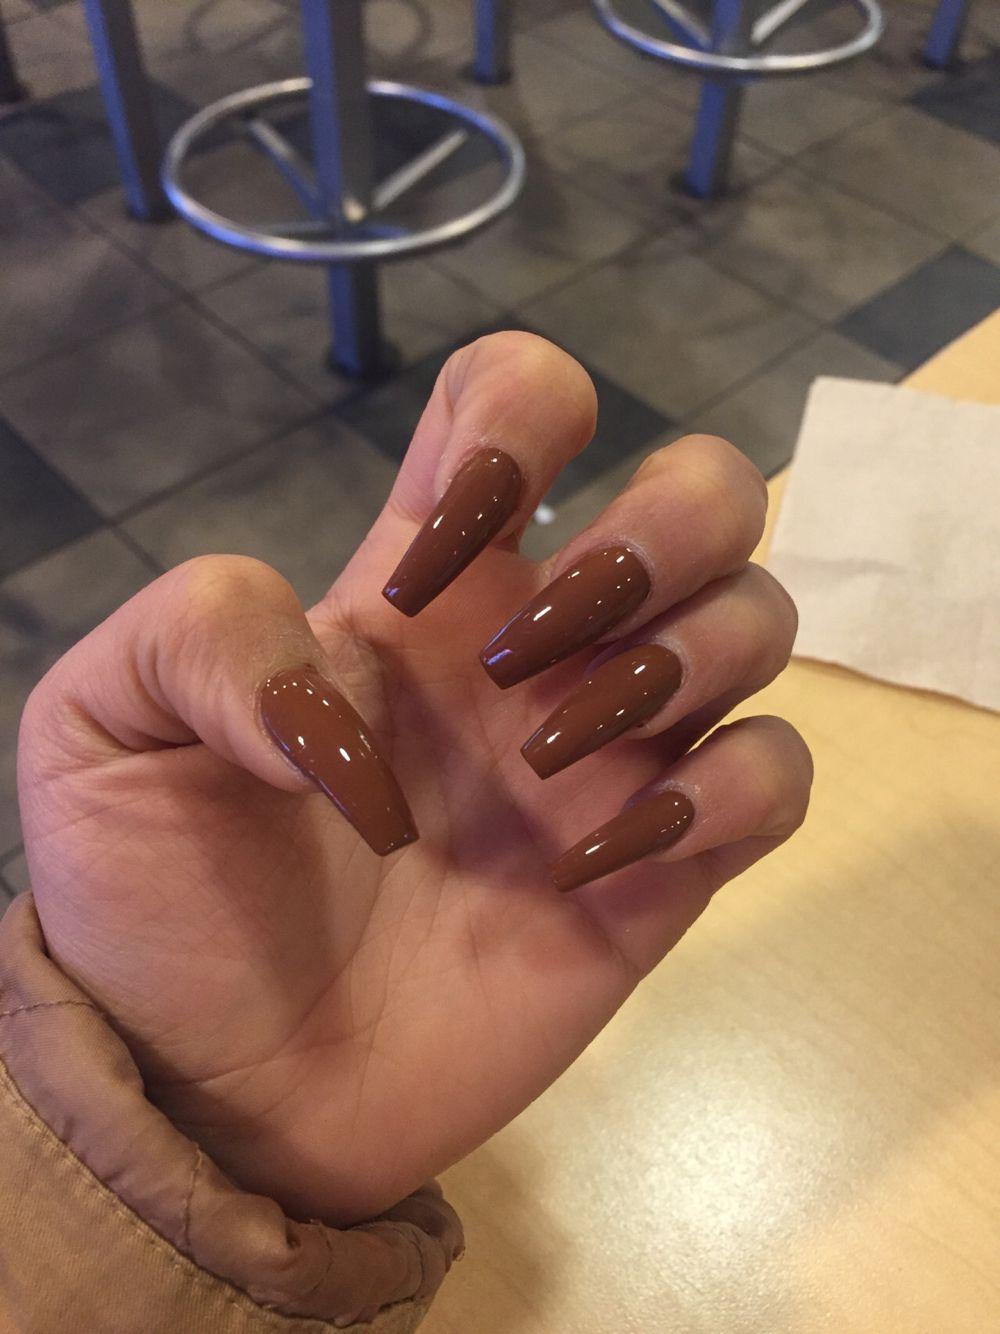 Pin By Azareah On Nails Brown Nails Long Nails Pretty Nails